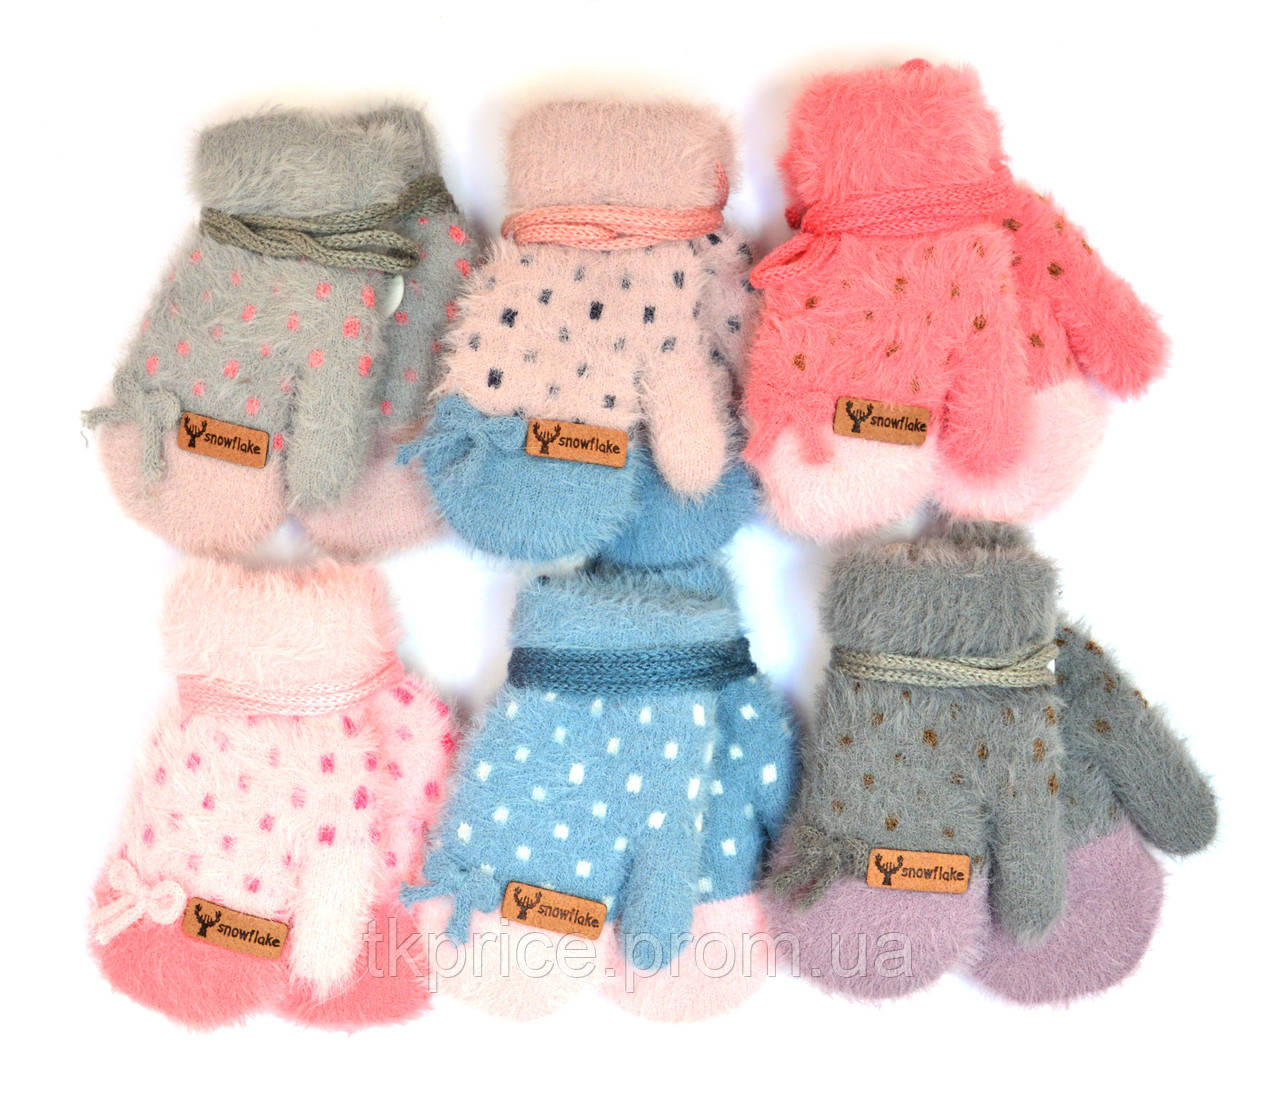 Детские ангоровые варежки для девочек на 0 - 2 года - длина 11 см